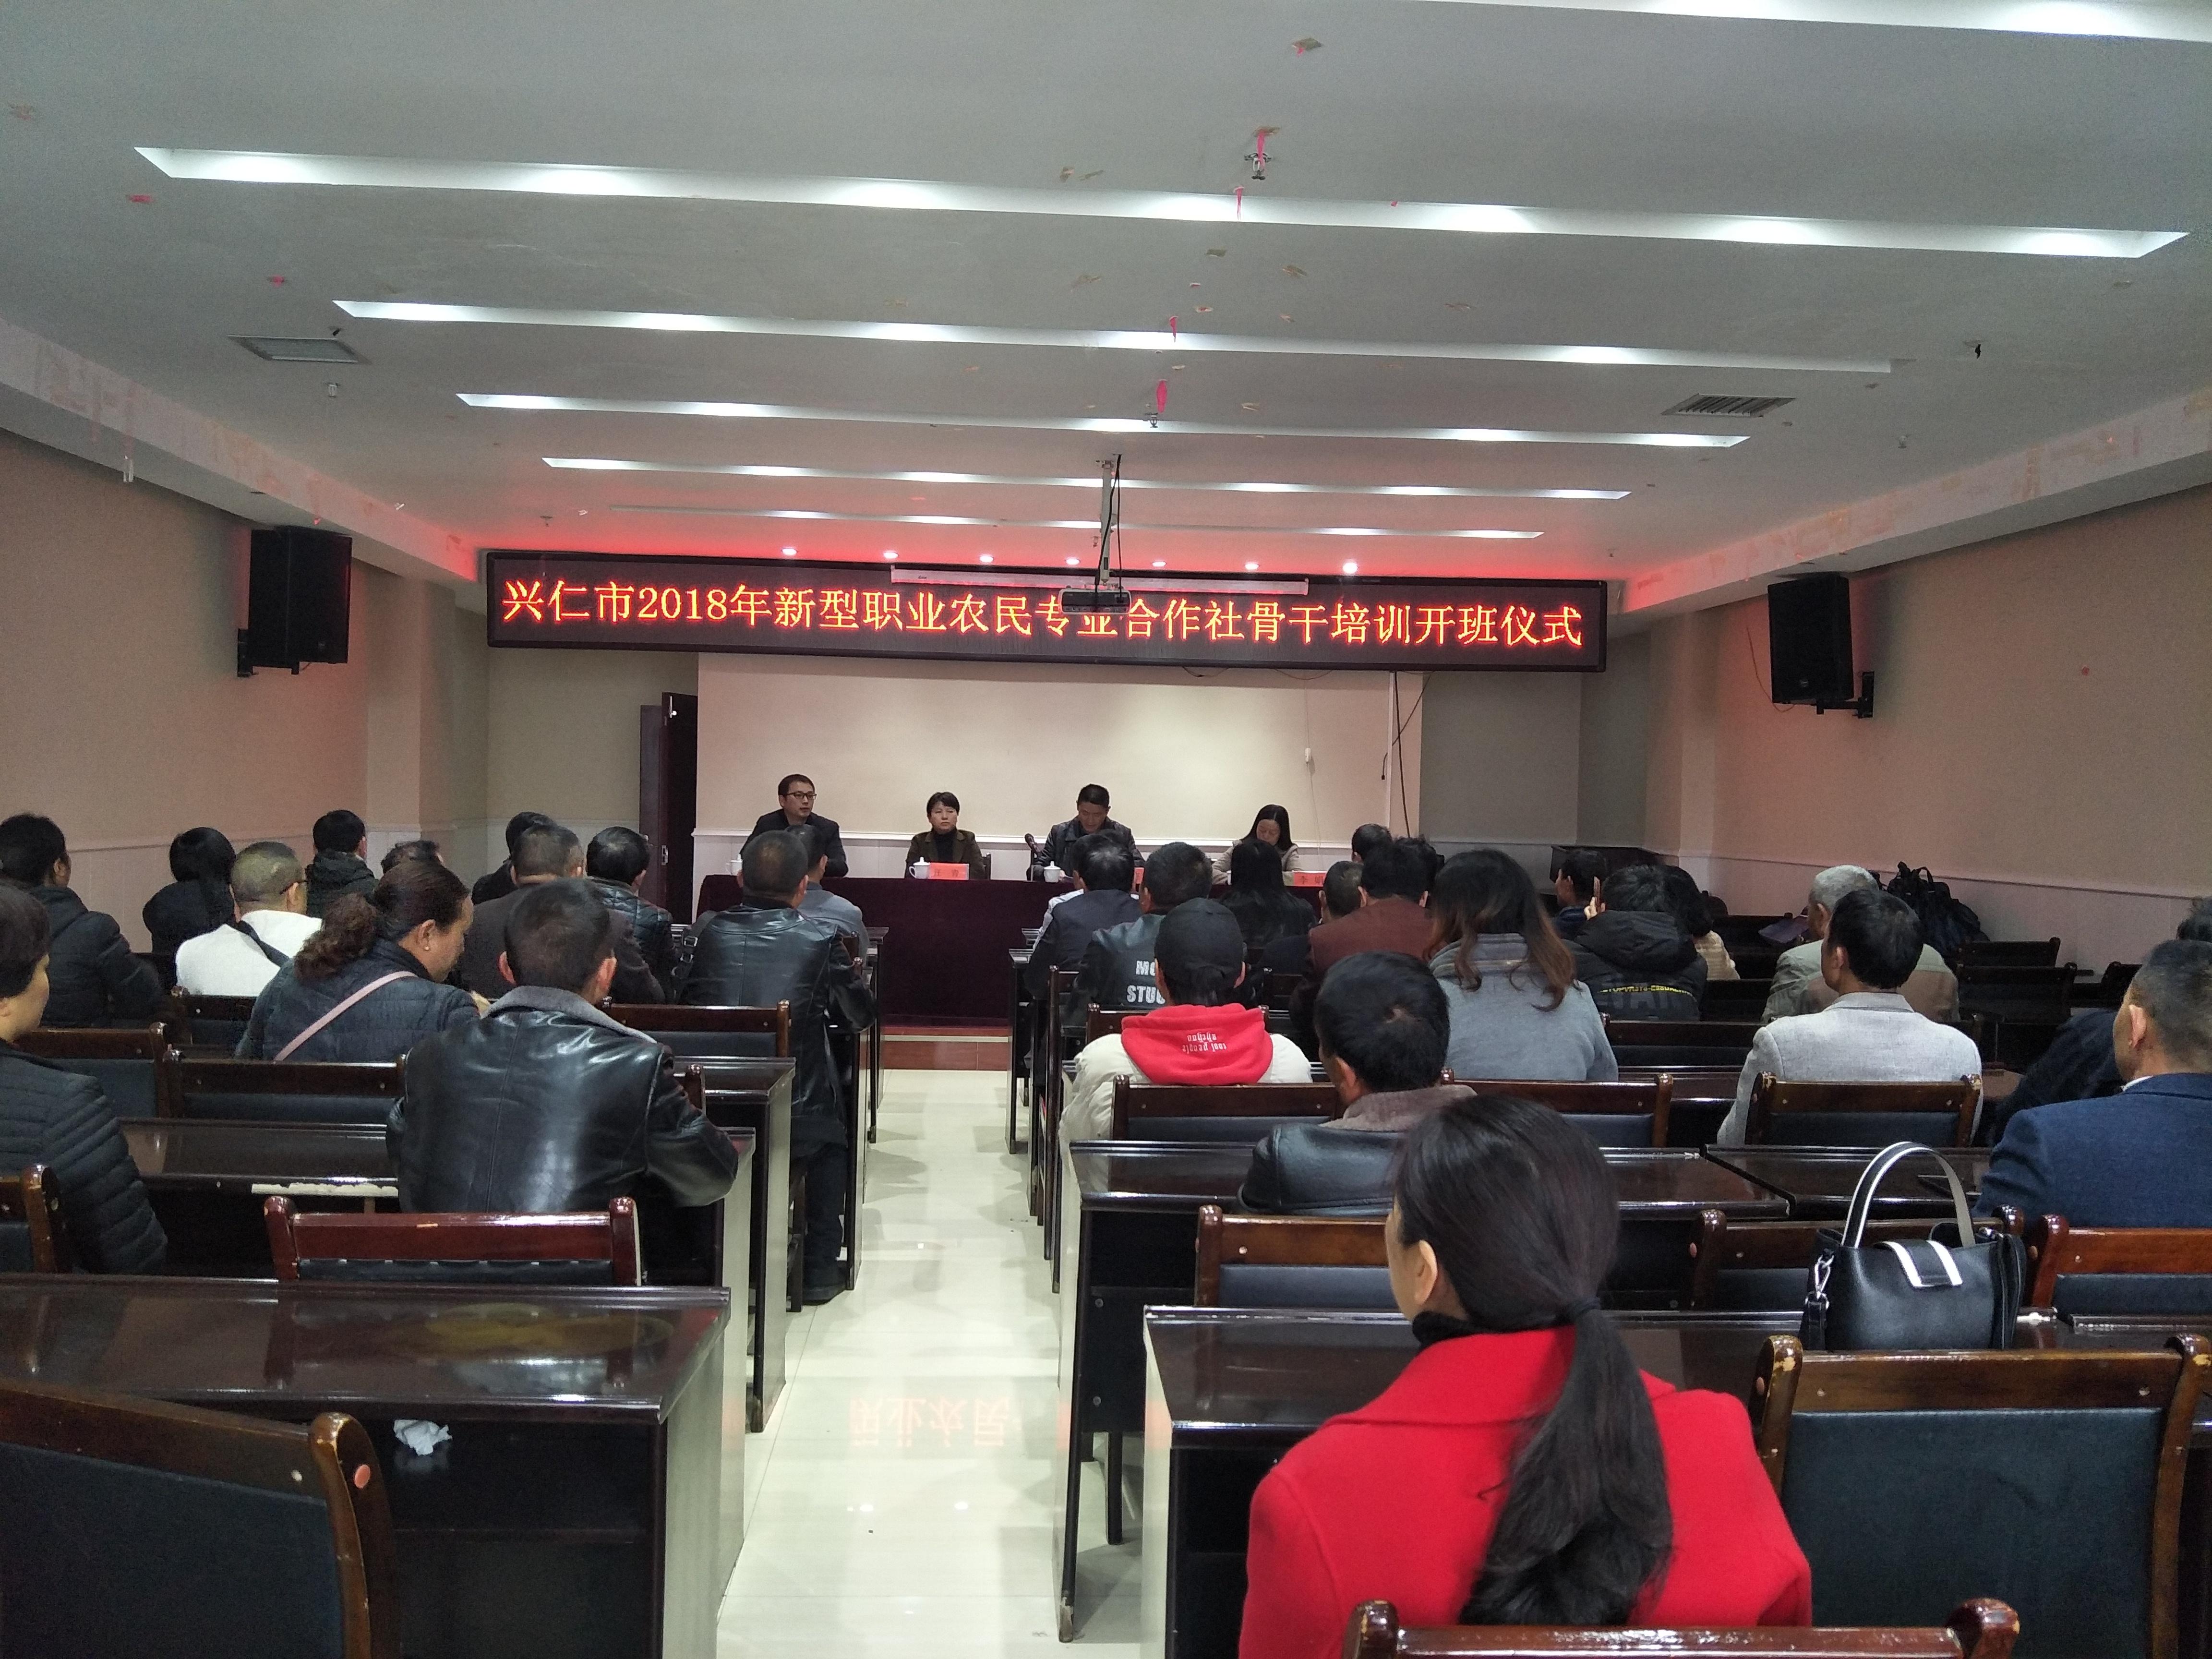 兴仁市职业农民专业合作社骨干培训开班